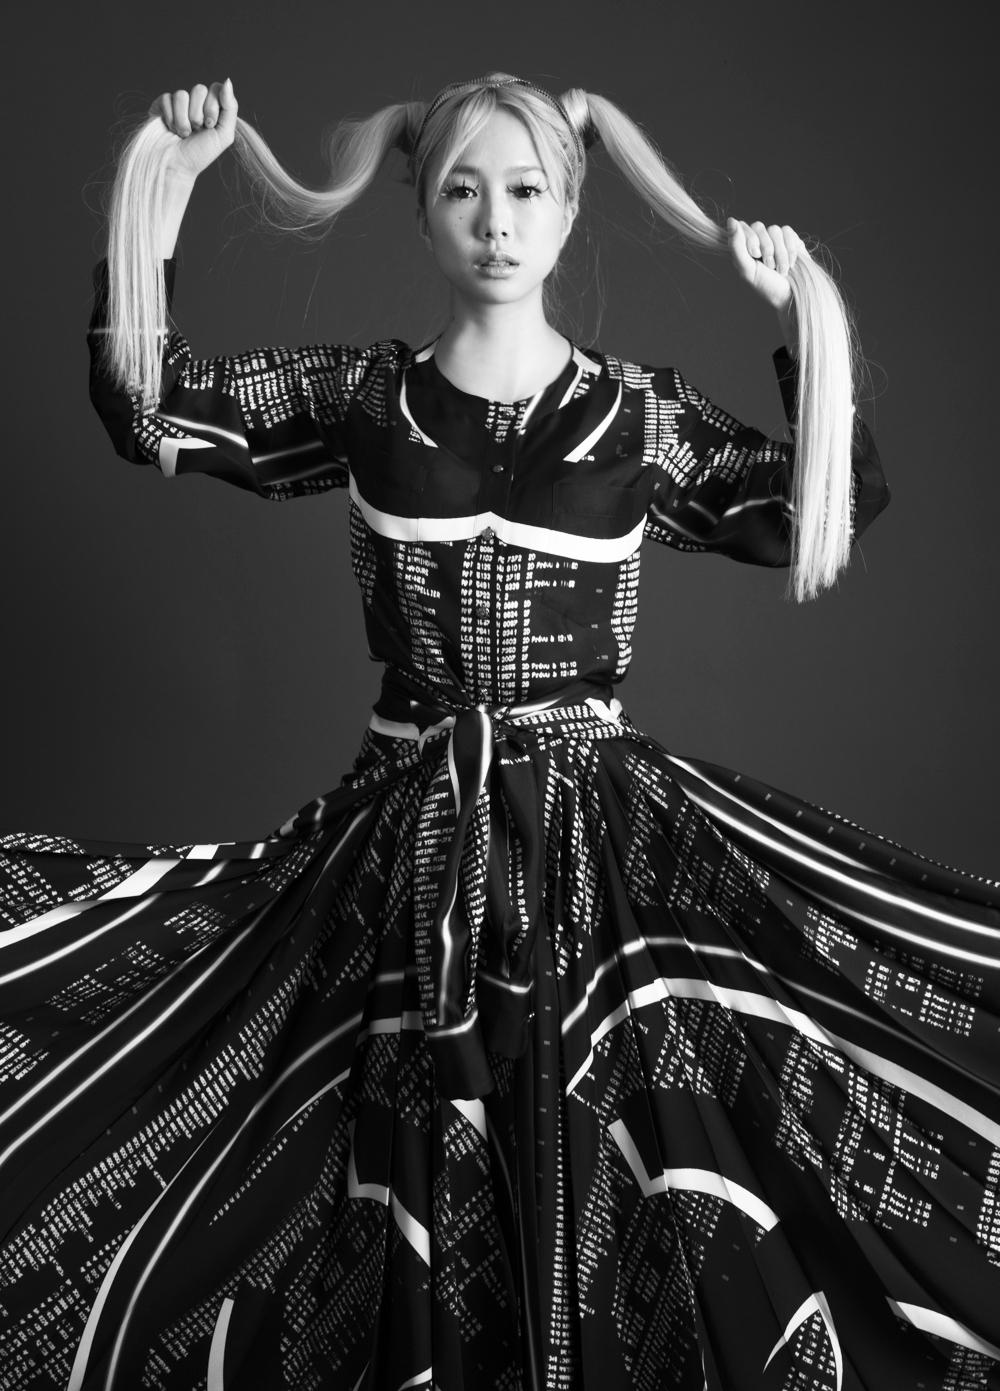 ブラウス ¥ 388,000 (腰に巻いたブラウスと同アイテム)、スカート ¥ 522,000 | 全て Chanel (シャネル)